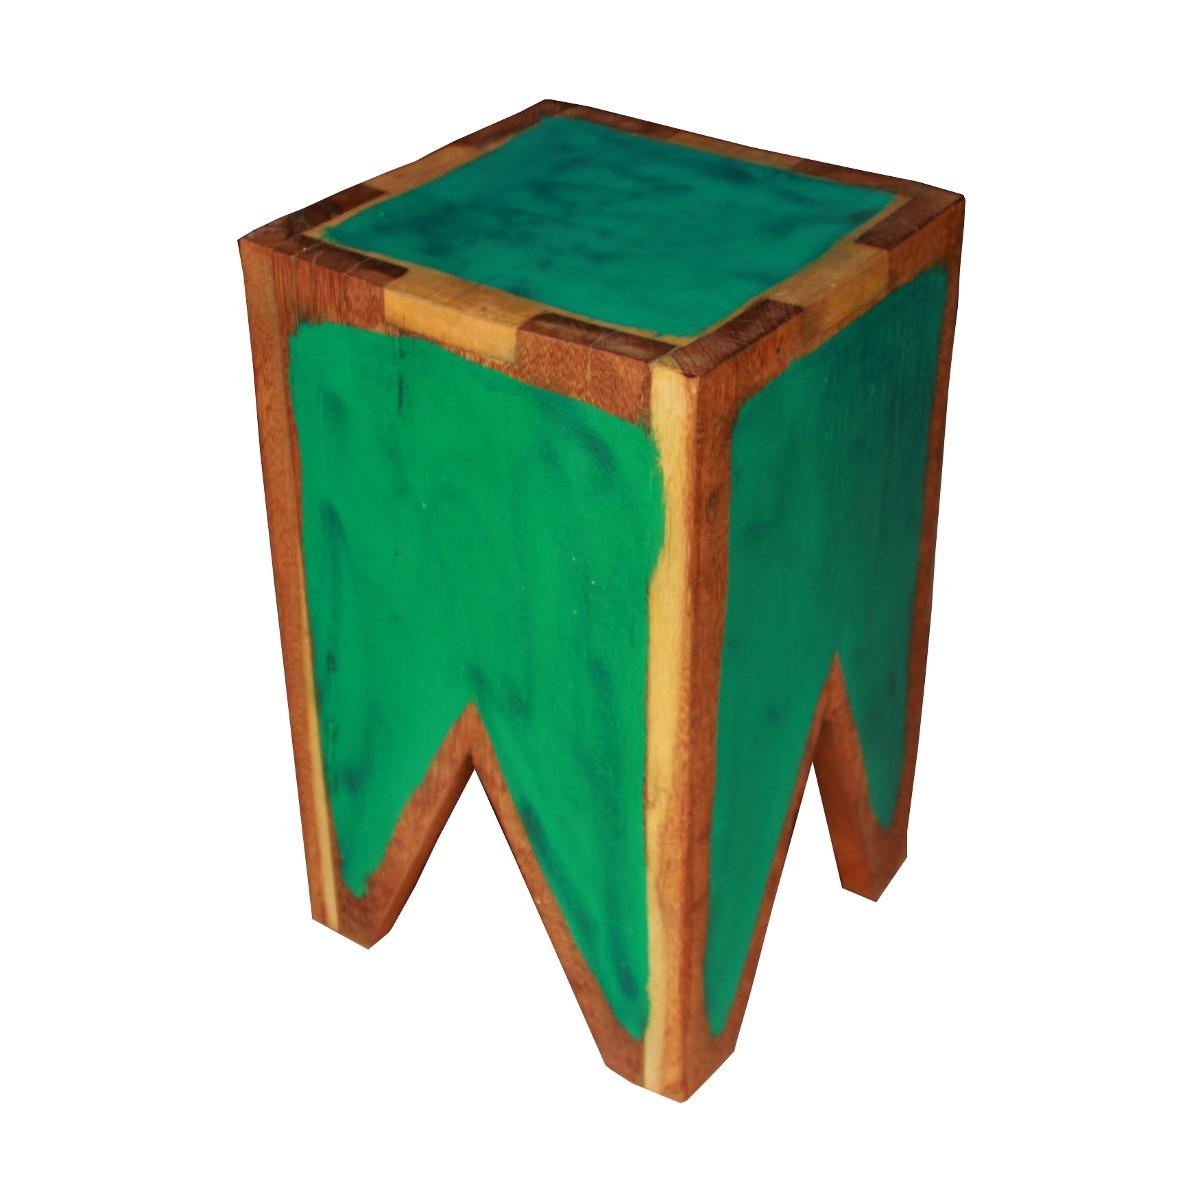 Banco Volp Em Madeira Rustica Pintado Na Cor Verde Lindo R$ 119 90  #038D59 1200x1200